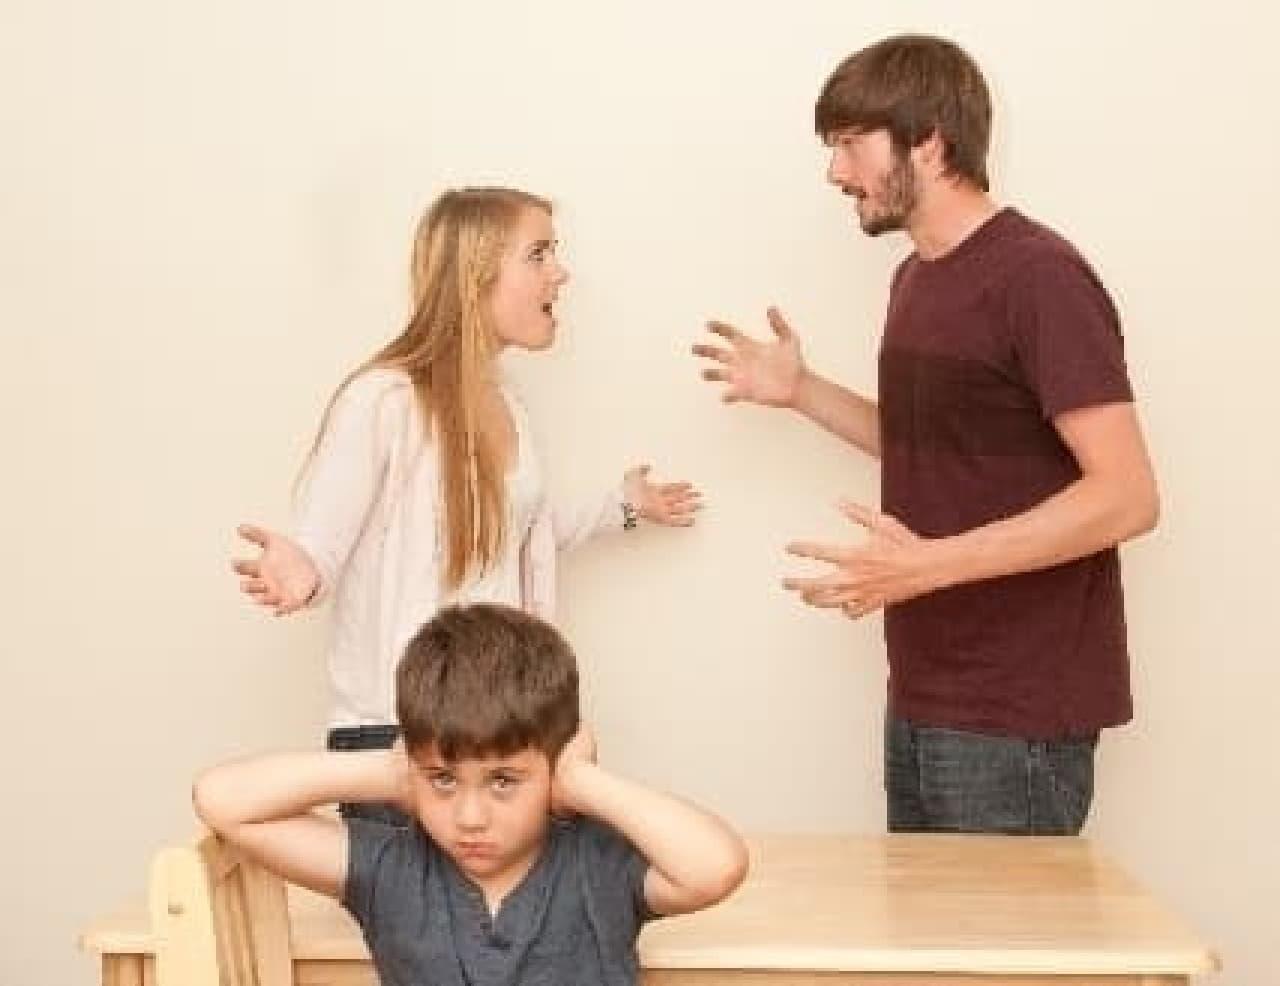 言い争う夫婦と子ども